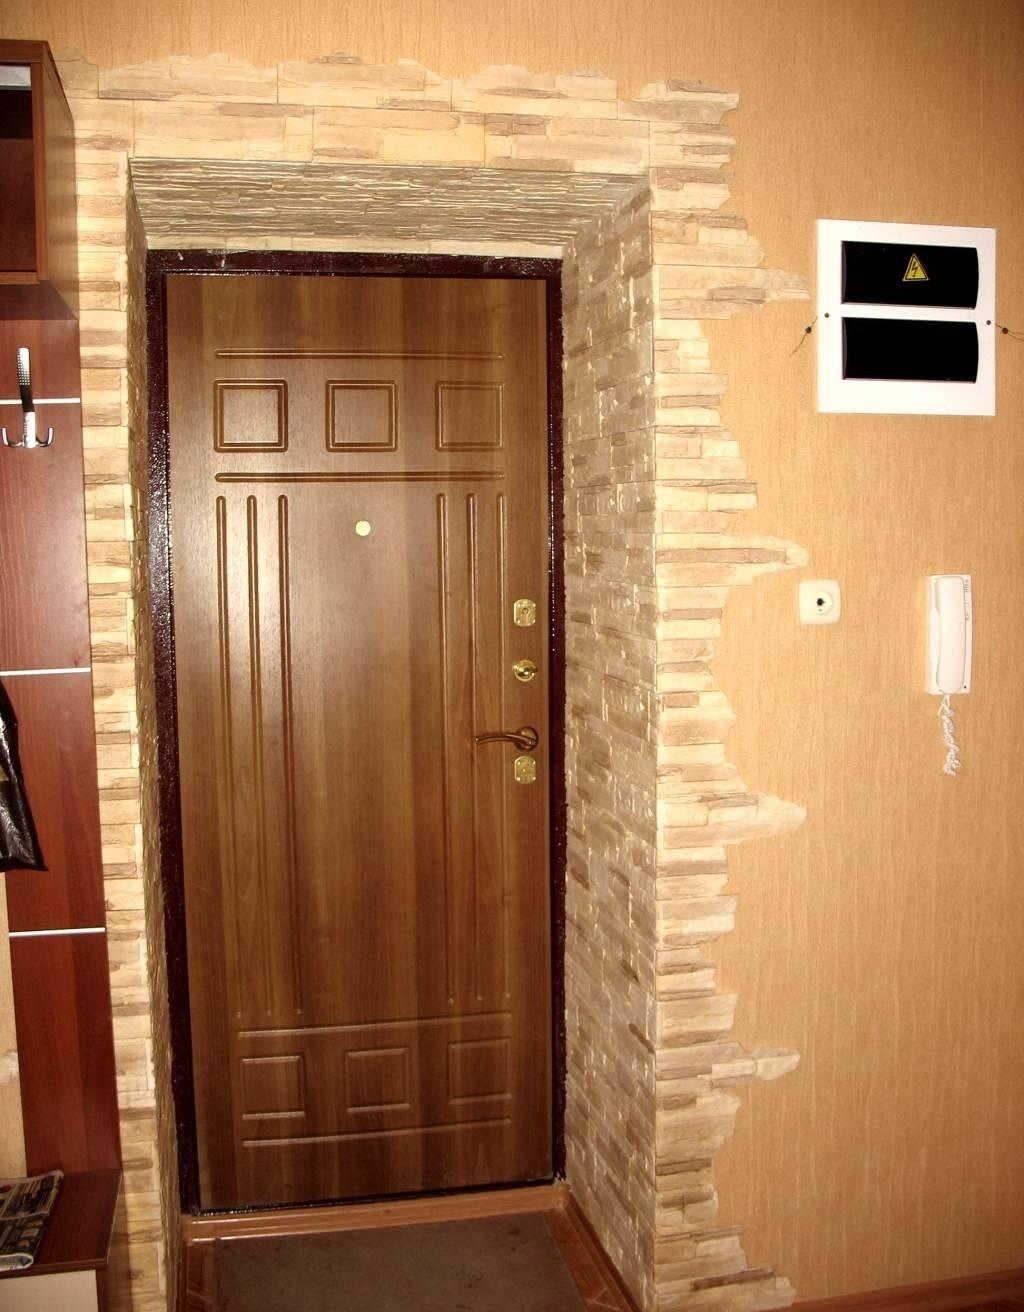 нашу дверной откос фото полгода, если объем